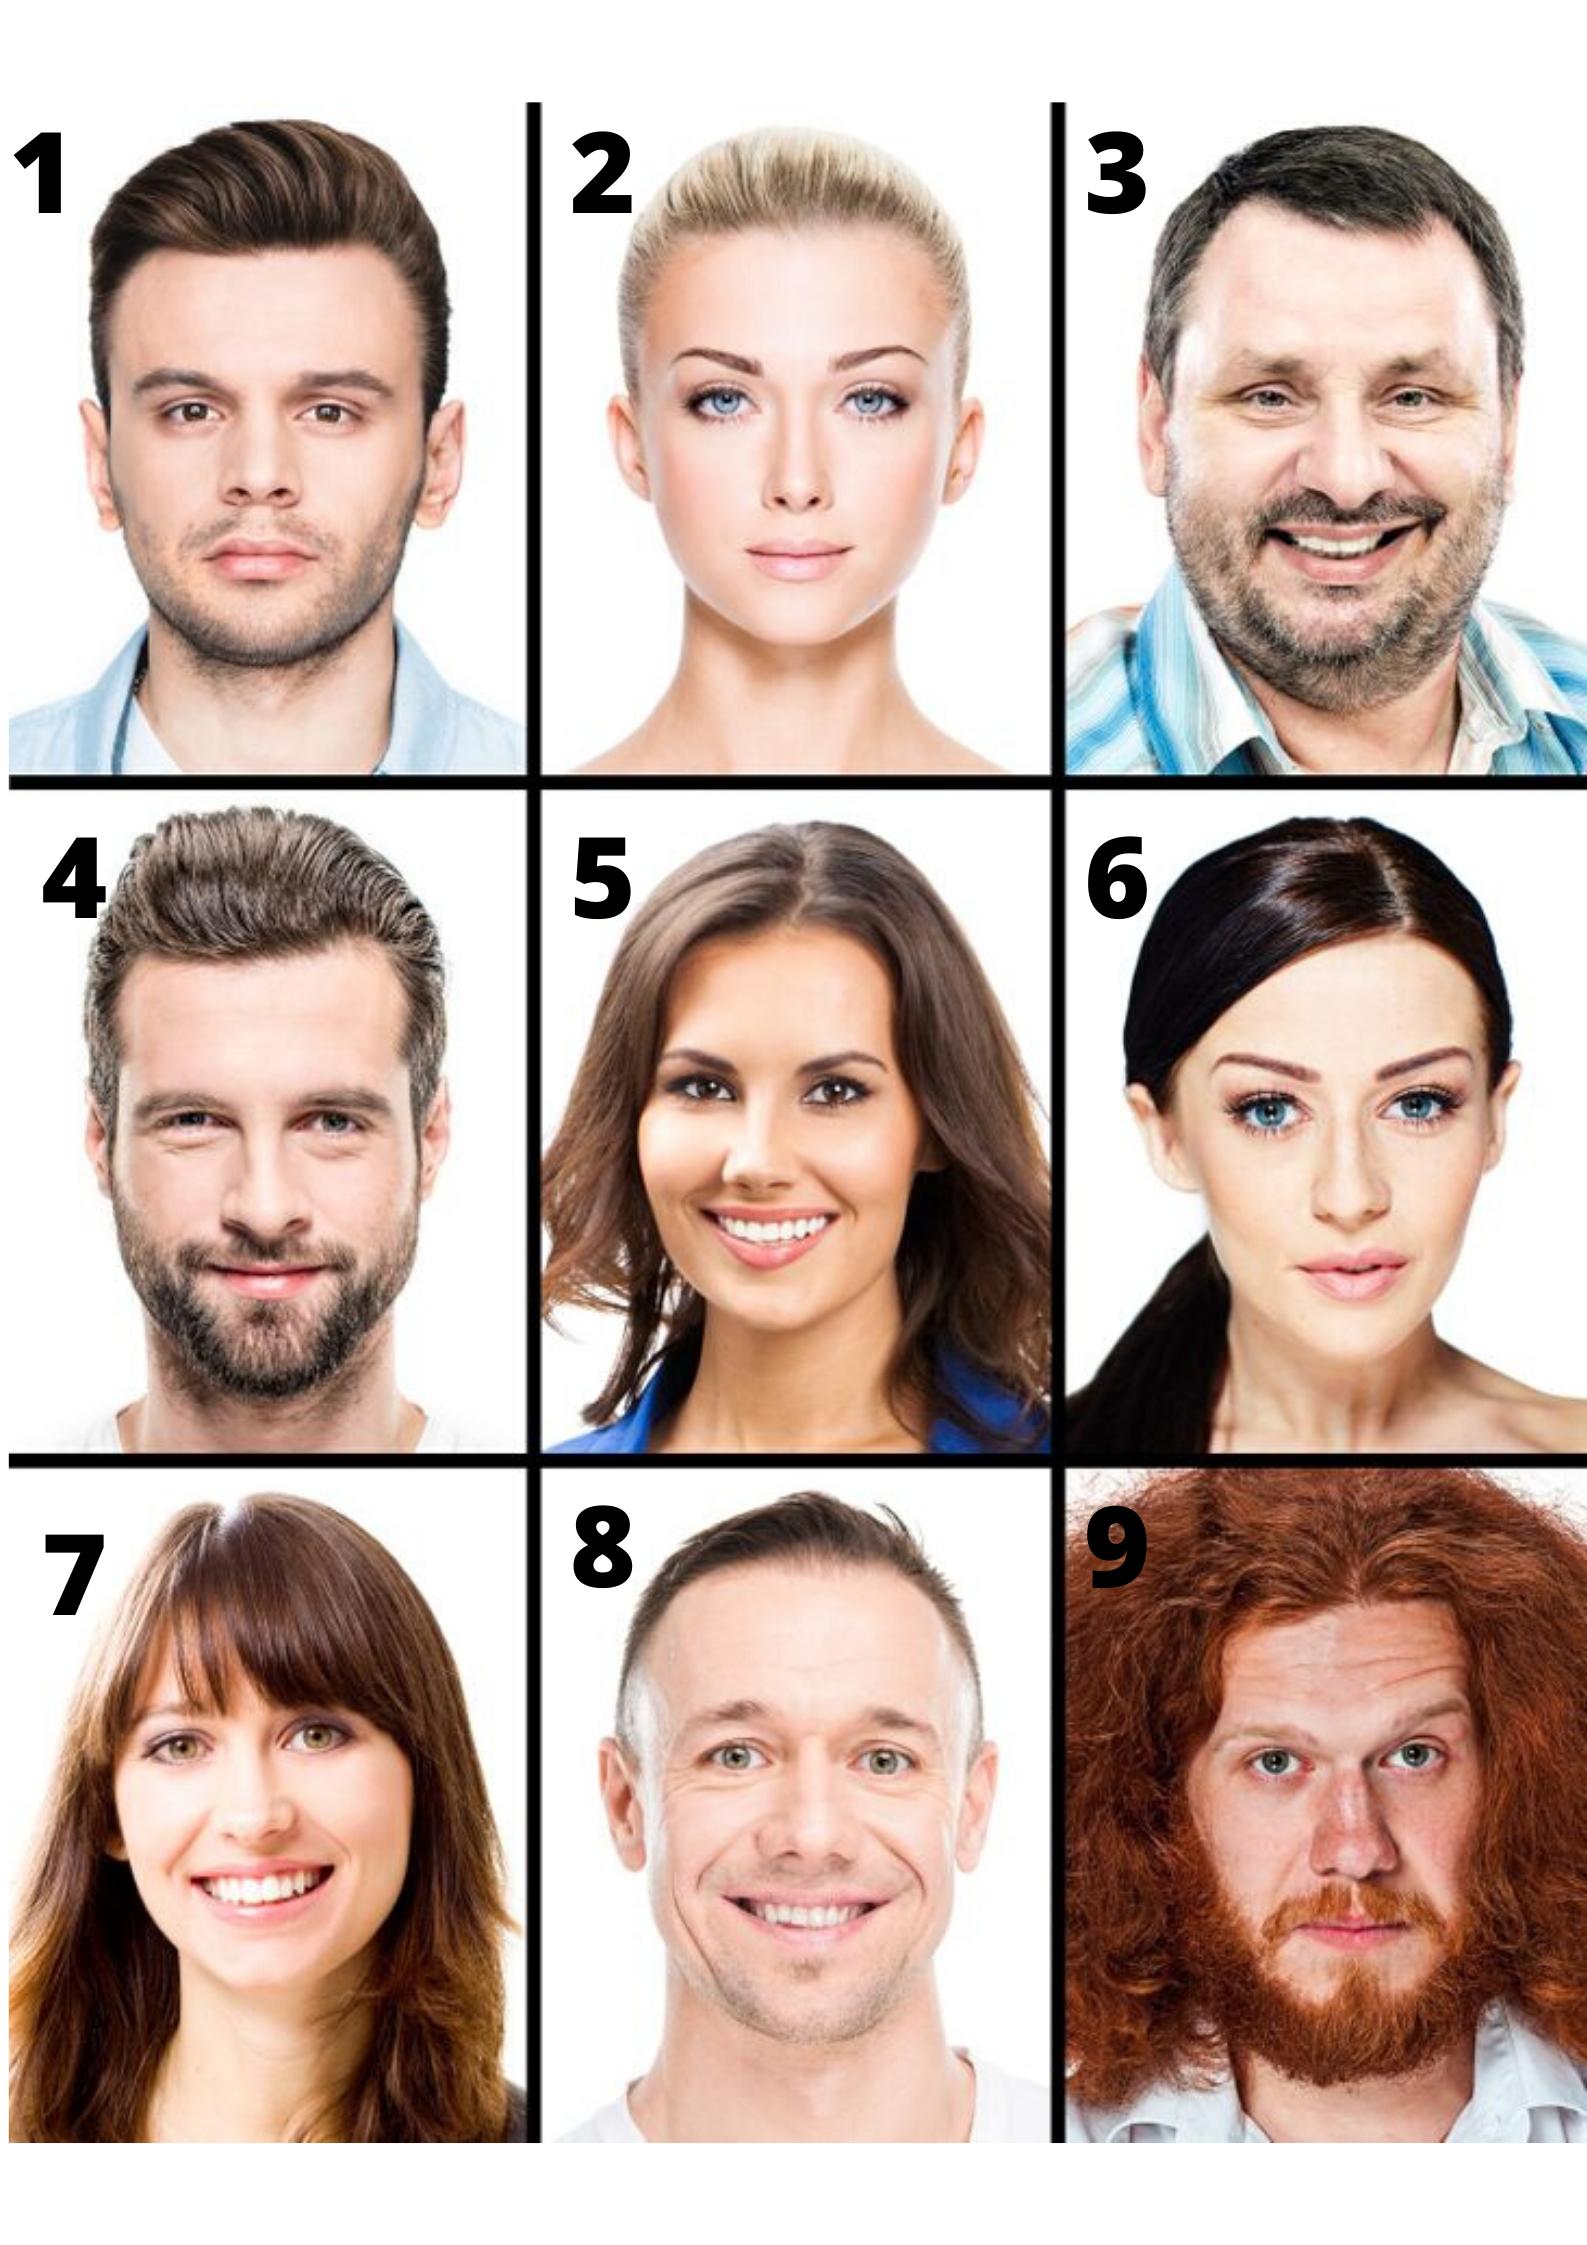 Bạn sẽ bắt chuyện với ai trong 9 người này, câu trả lời sẽ soi tỏ 100% bạn là người thật sự tài giỏi hay mánh khóe, thủ đoạn - Ảnh 1.